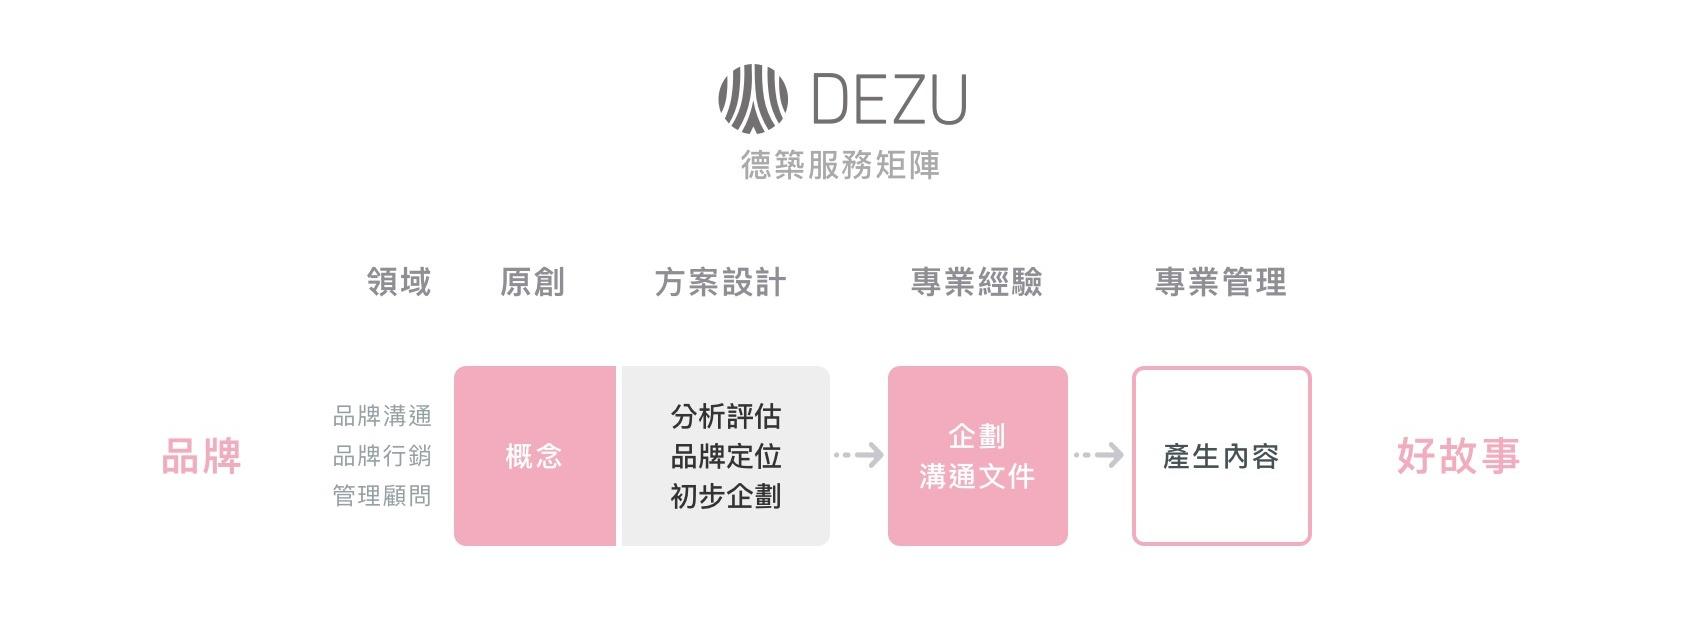 德築-DEZU-project-Fun3sport-service-matrix